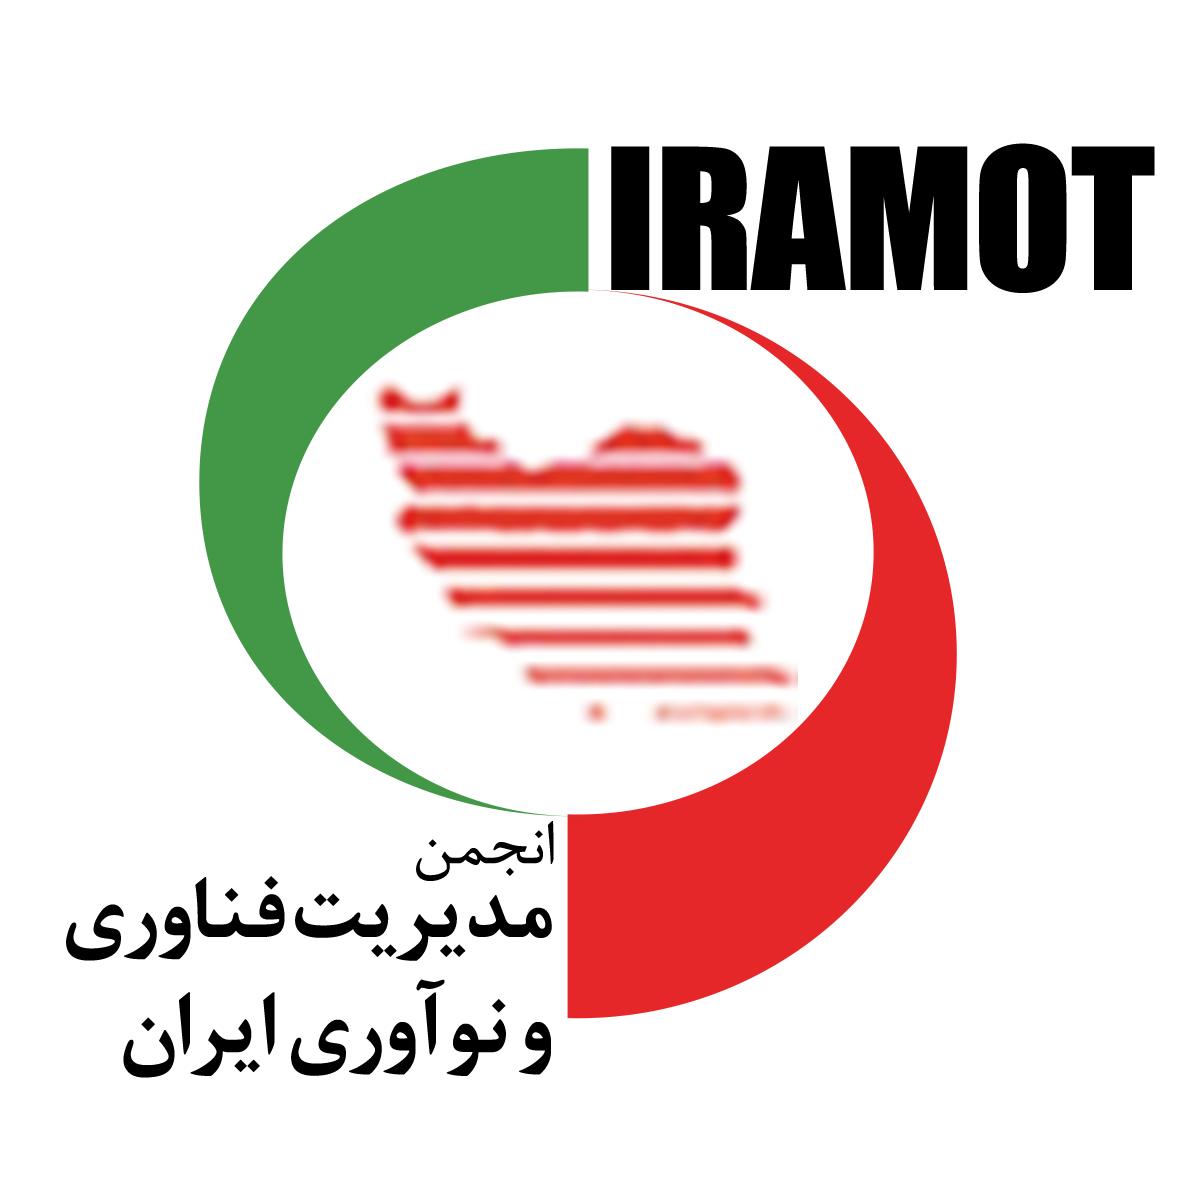 انجمن مدیریت فناوری و نوآوری ایران - ایوند